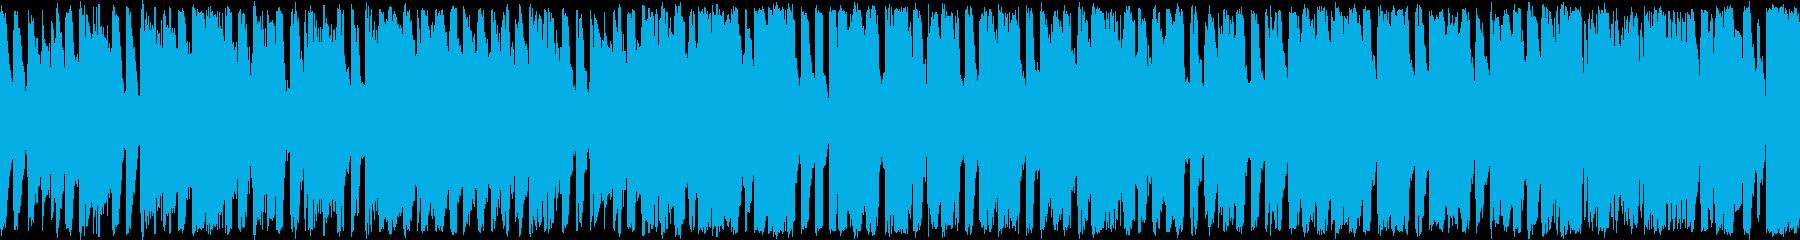 ほのぼのした雰囲気のポップス ループ曲の再生済みの波形